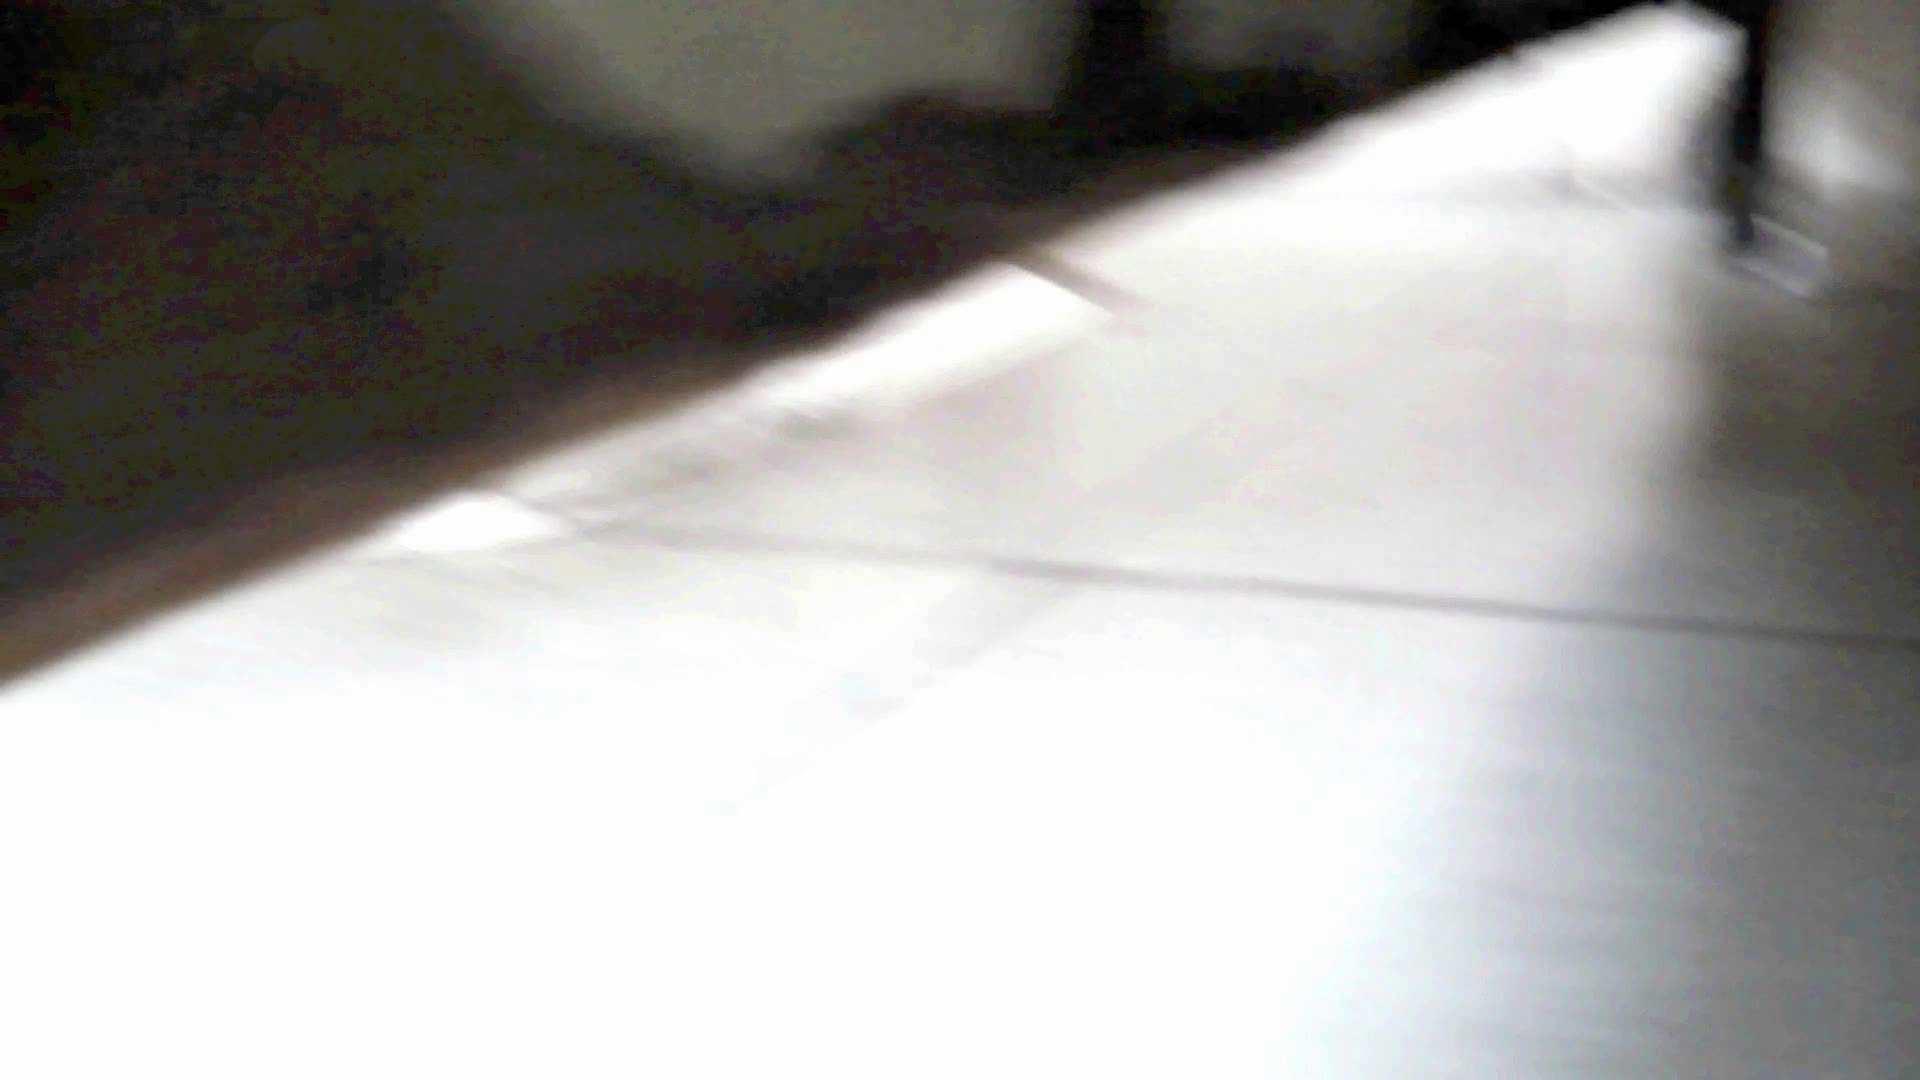 ステーション編 vol.28 無料動画に登場したモデルつい本番登場!! エッチなお姉さん | 洗面所シーン  29画像 1